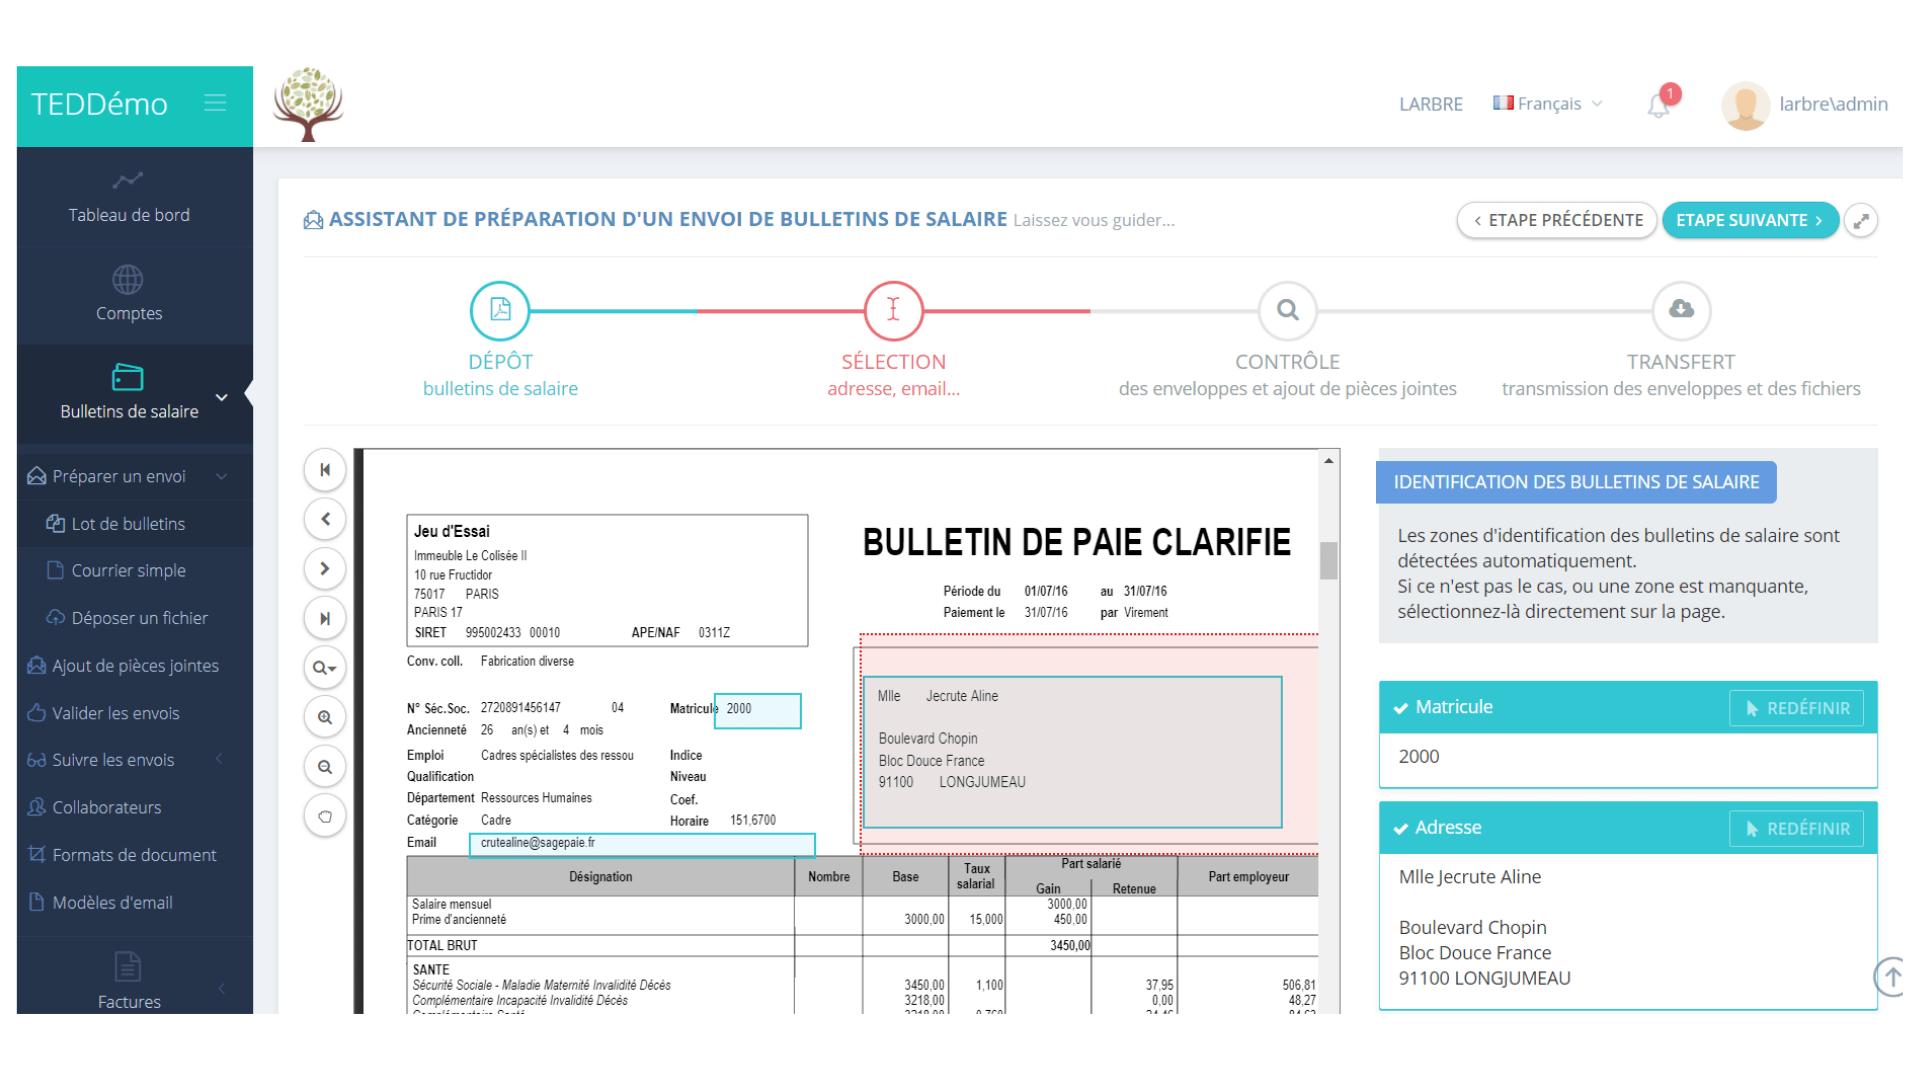 capture d'écran du processus d'envoi d'un bulletin de salaire